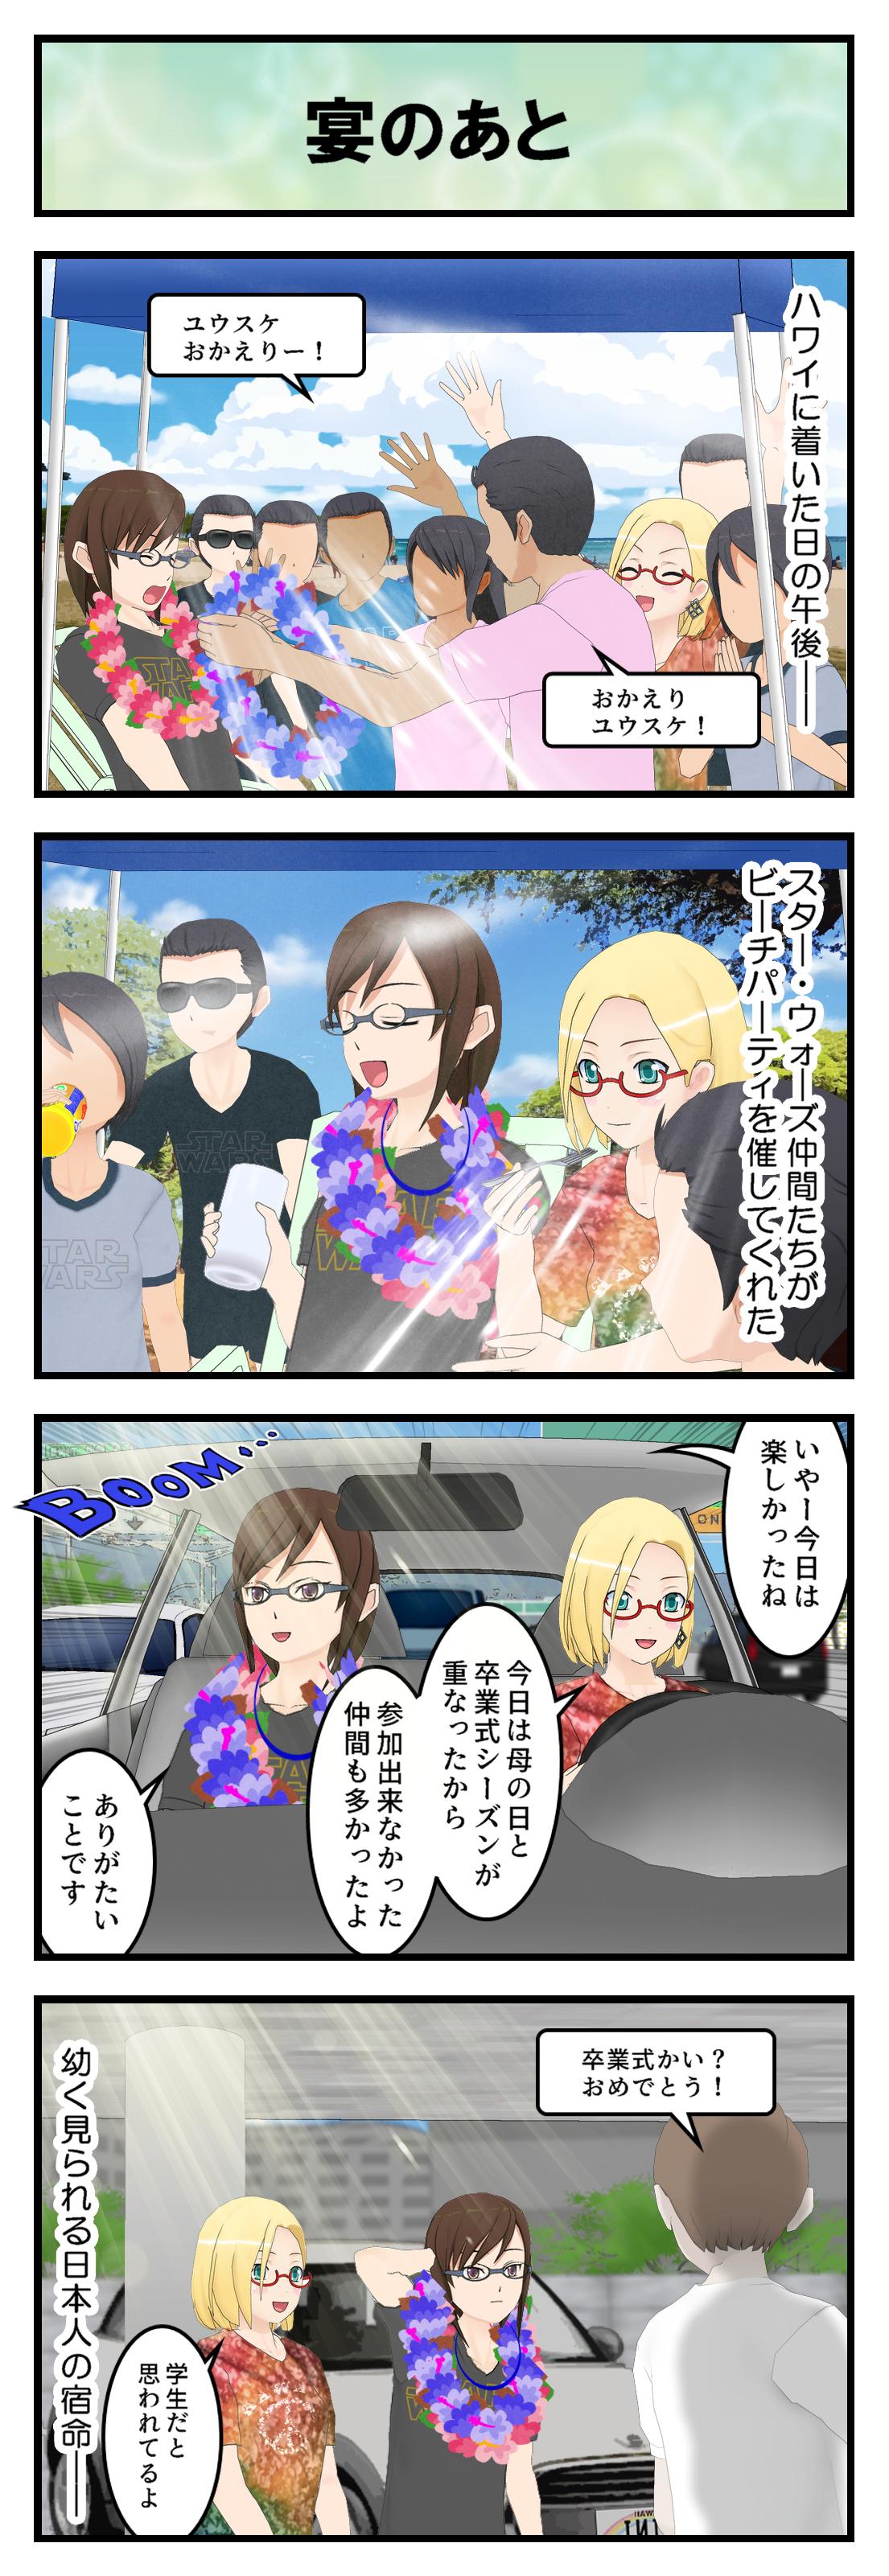 R010_ビーチパーティ_001